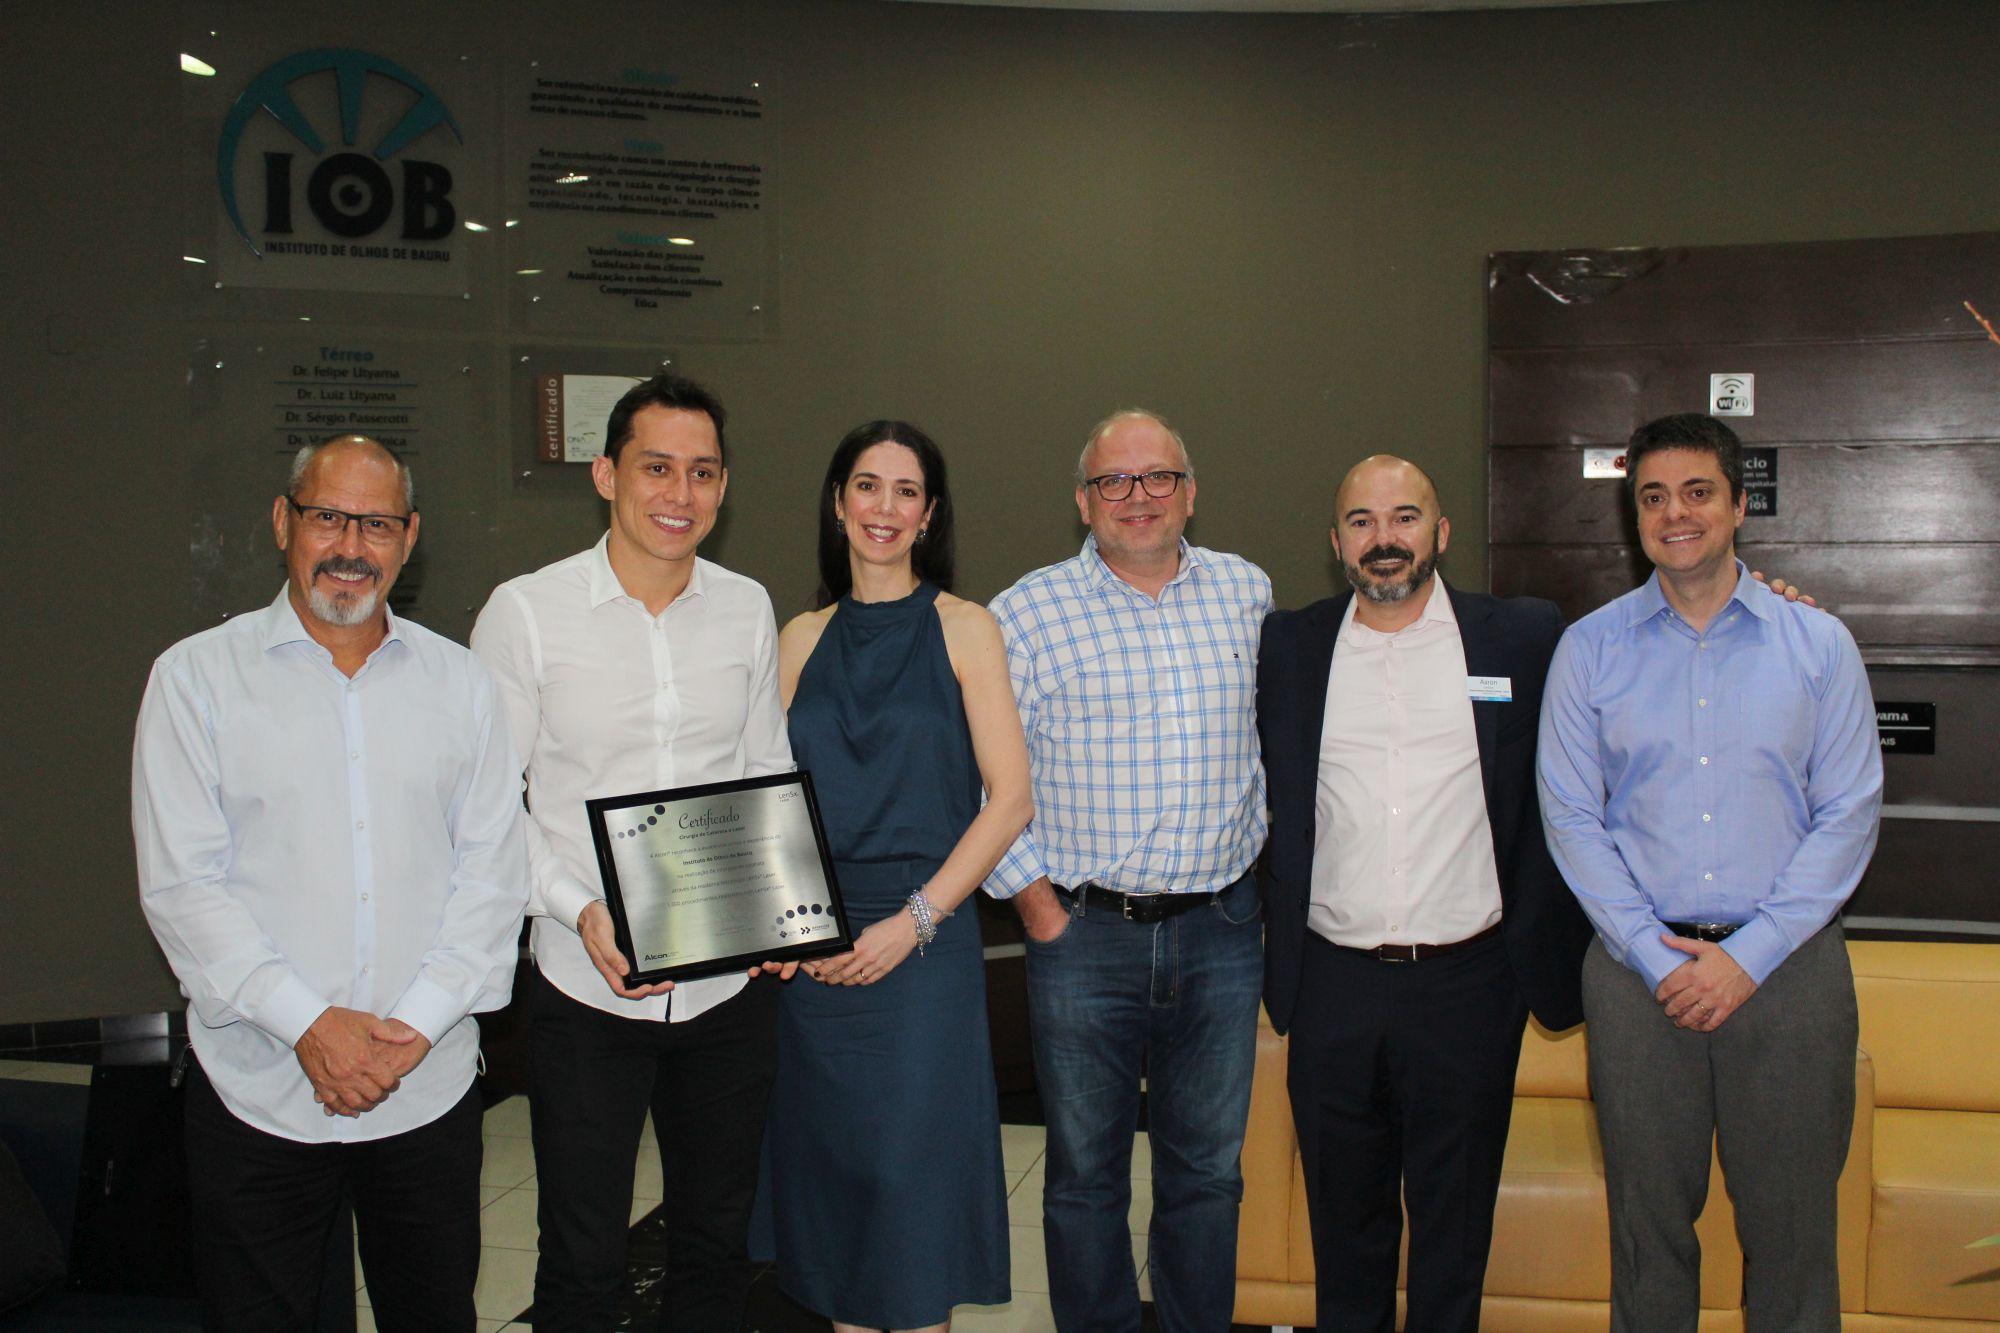 IOB recebe representantes global e nacional da Alcon LensX para atualização de equipamento de cirurgia à laser